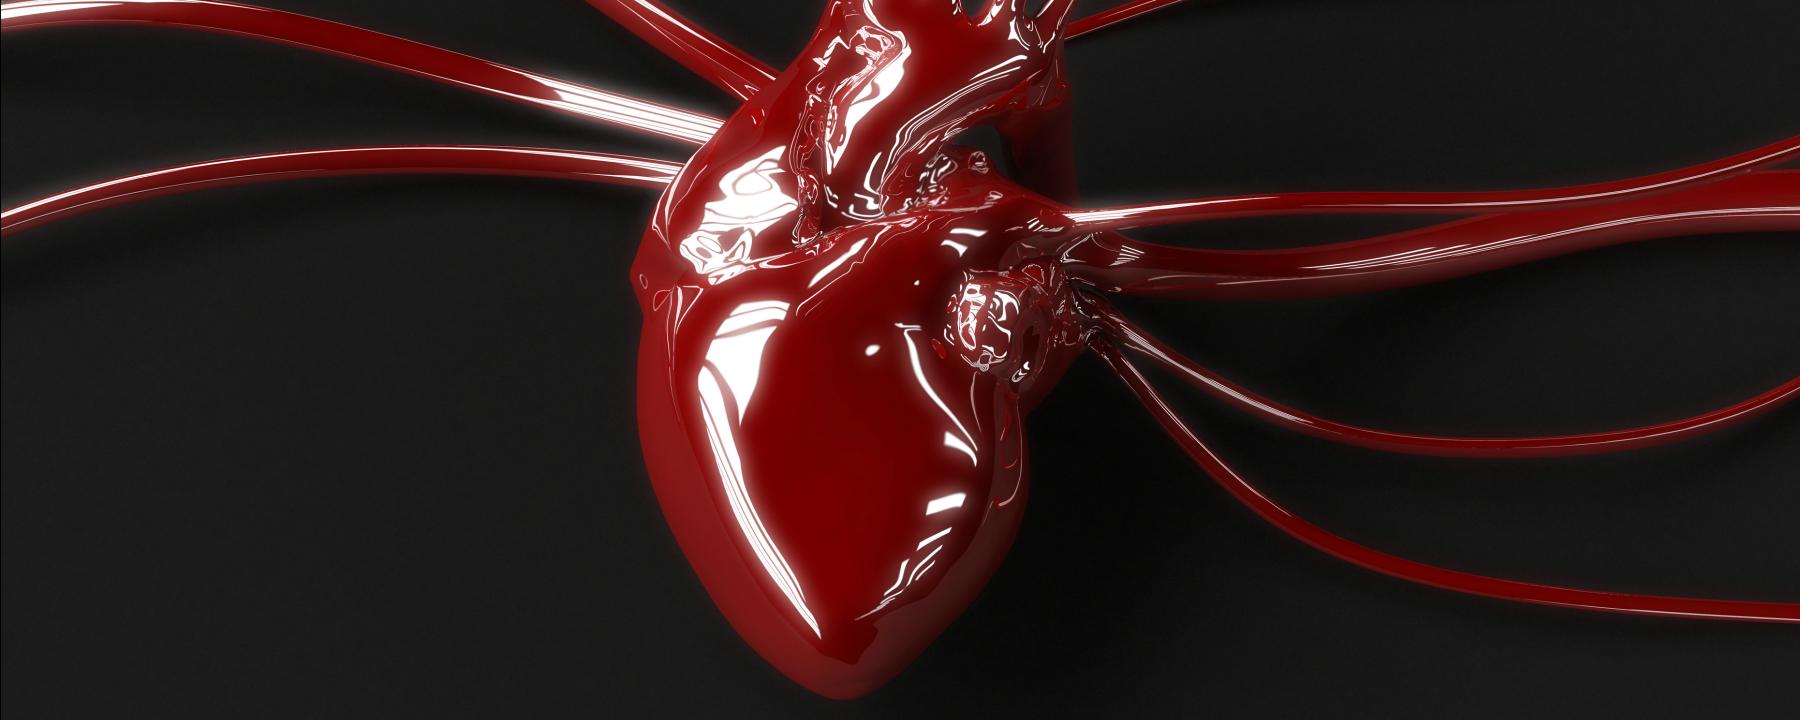 <em>The Lancet</em> Retracts Cardiac Stem Cell Clinical Trial Paper